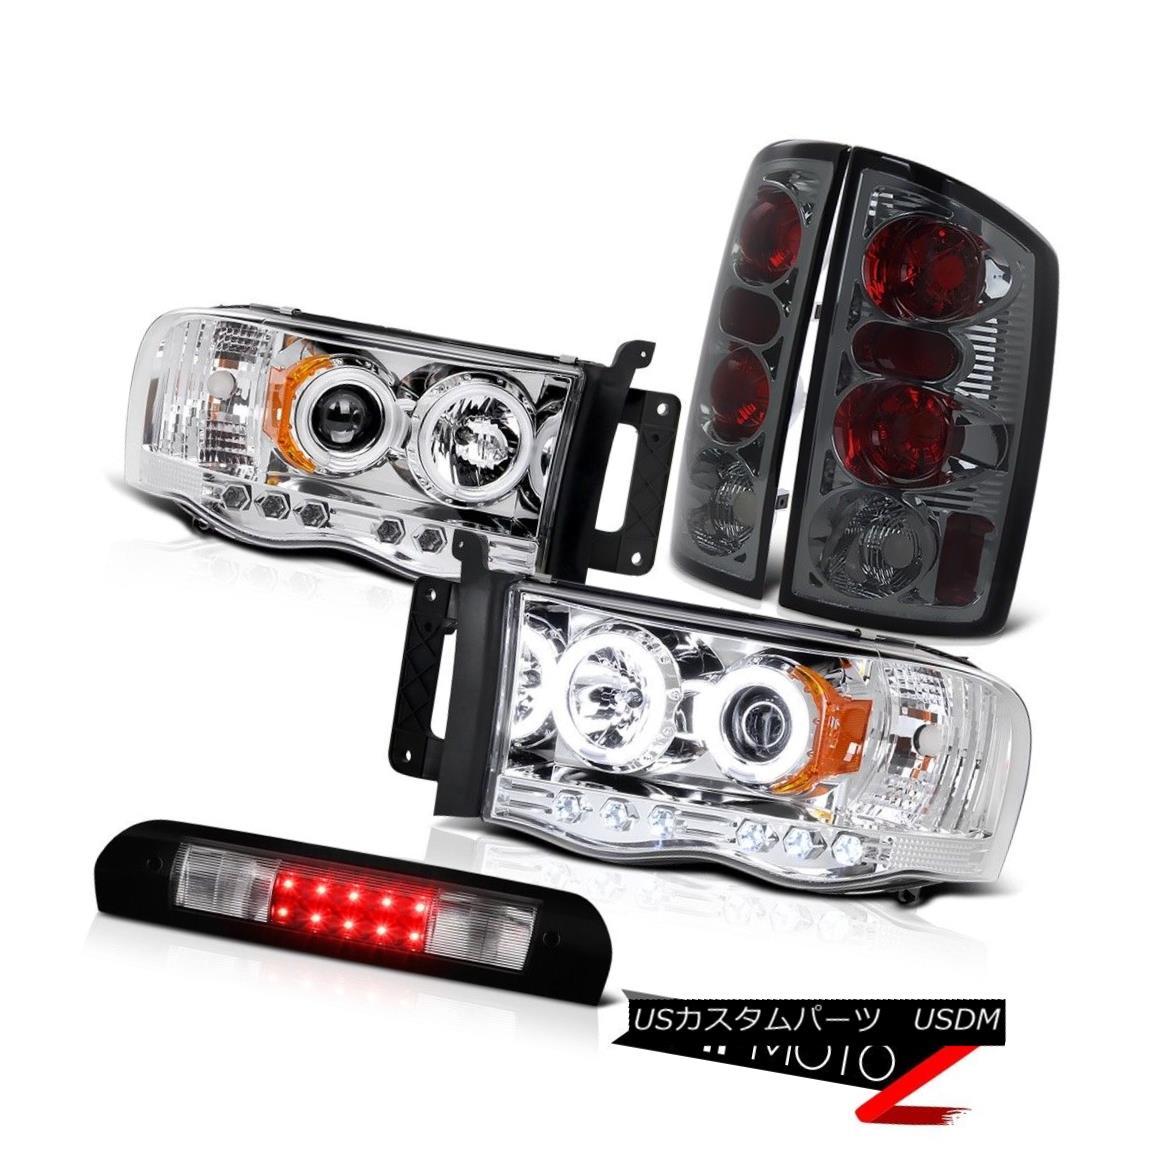 ヘッドライト Quality Headlights CCFL DRL Brake Lamps Tail Black Third LED 2002-2005 Ram Hemi 品質ヘッドライトCCFL DRLブレーキランプテールブラック第3 LED 2002-2005 Ram Hemi